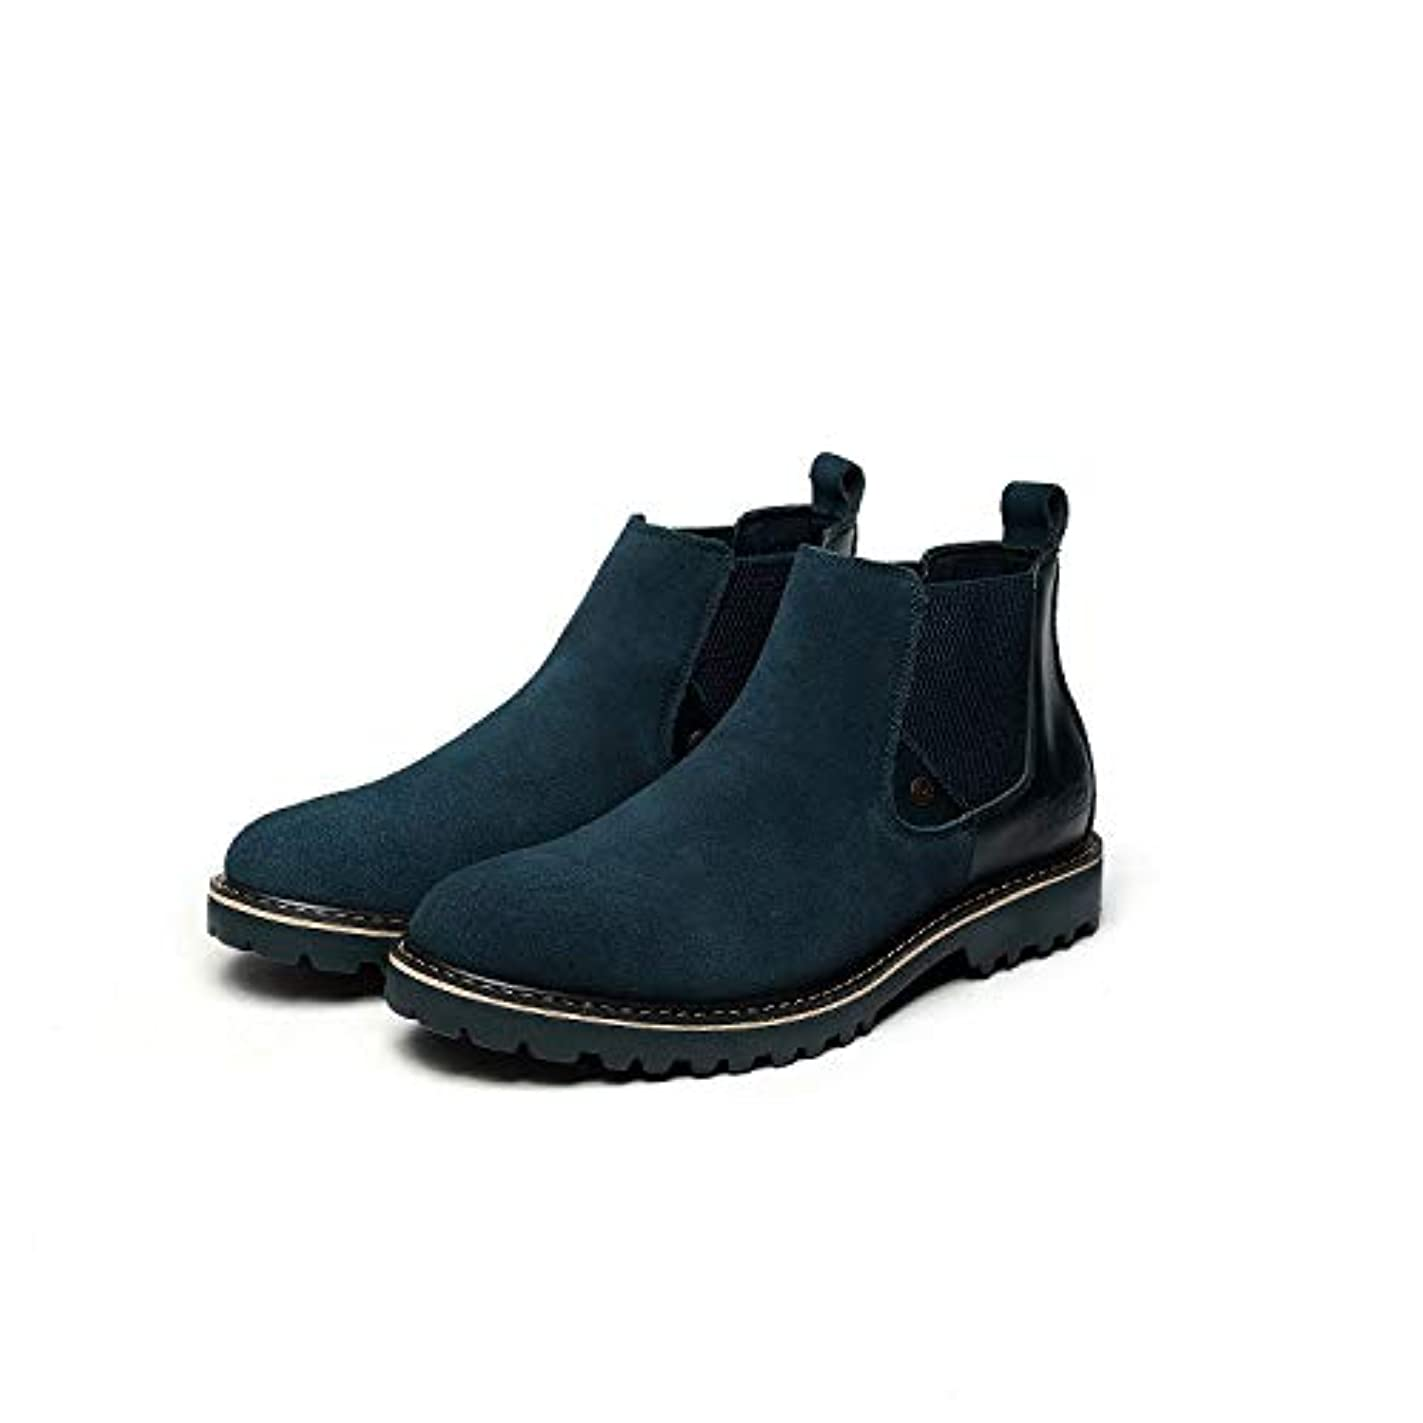 創造移植飢饉ビジネスシューズ メンズ 天然皮革 革靴 本革 紳士靴 ロングノーズ カジュアル ビジネス (39サイズ、24.5cm)